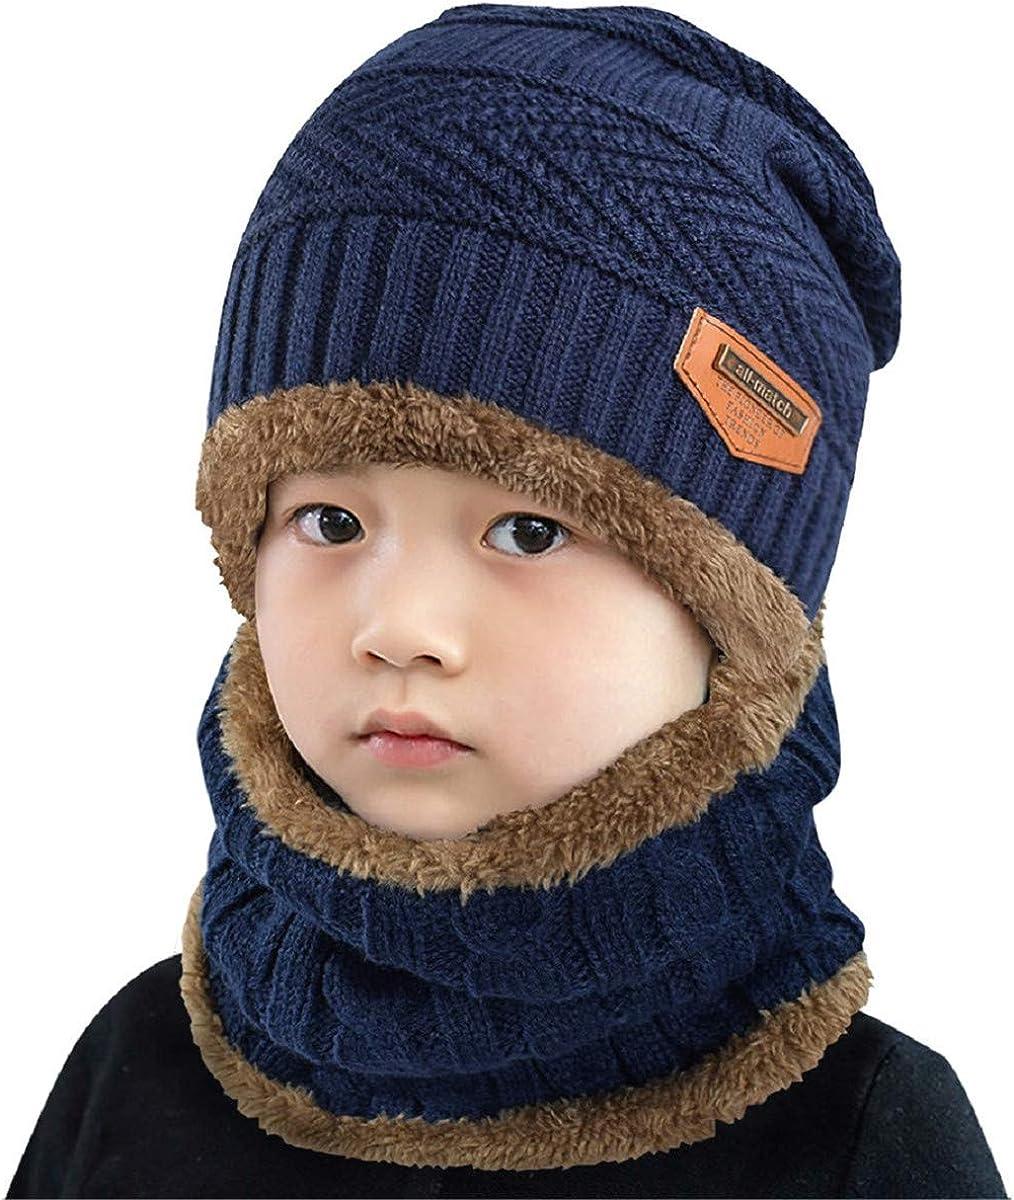 Tuopuda Conjunto de bufanda y gorro de punto para ni/ños Forro polar de lana Beanie Hat Sombrero Cuello caliente Conjunto de Gorro y Bufanda deInvierno